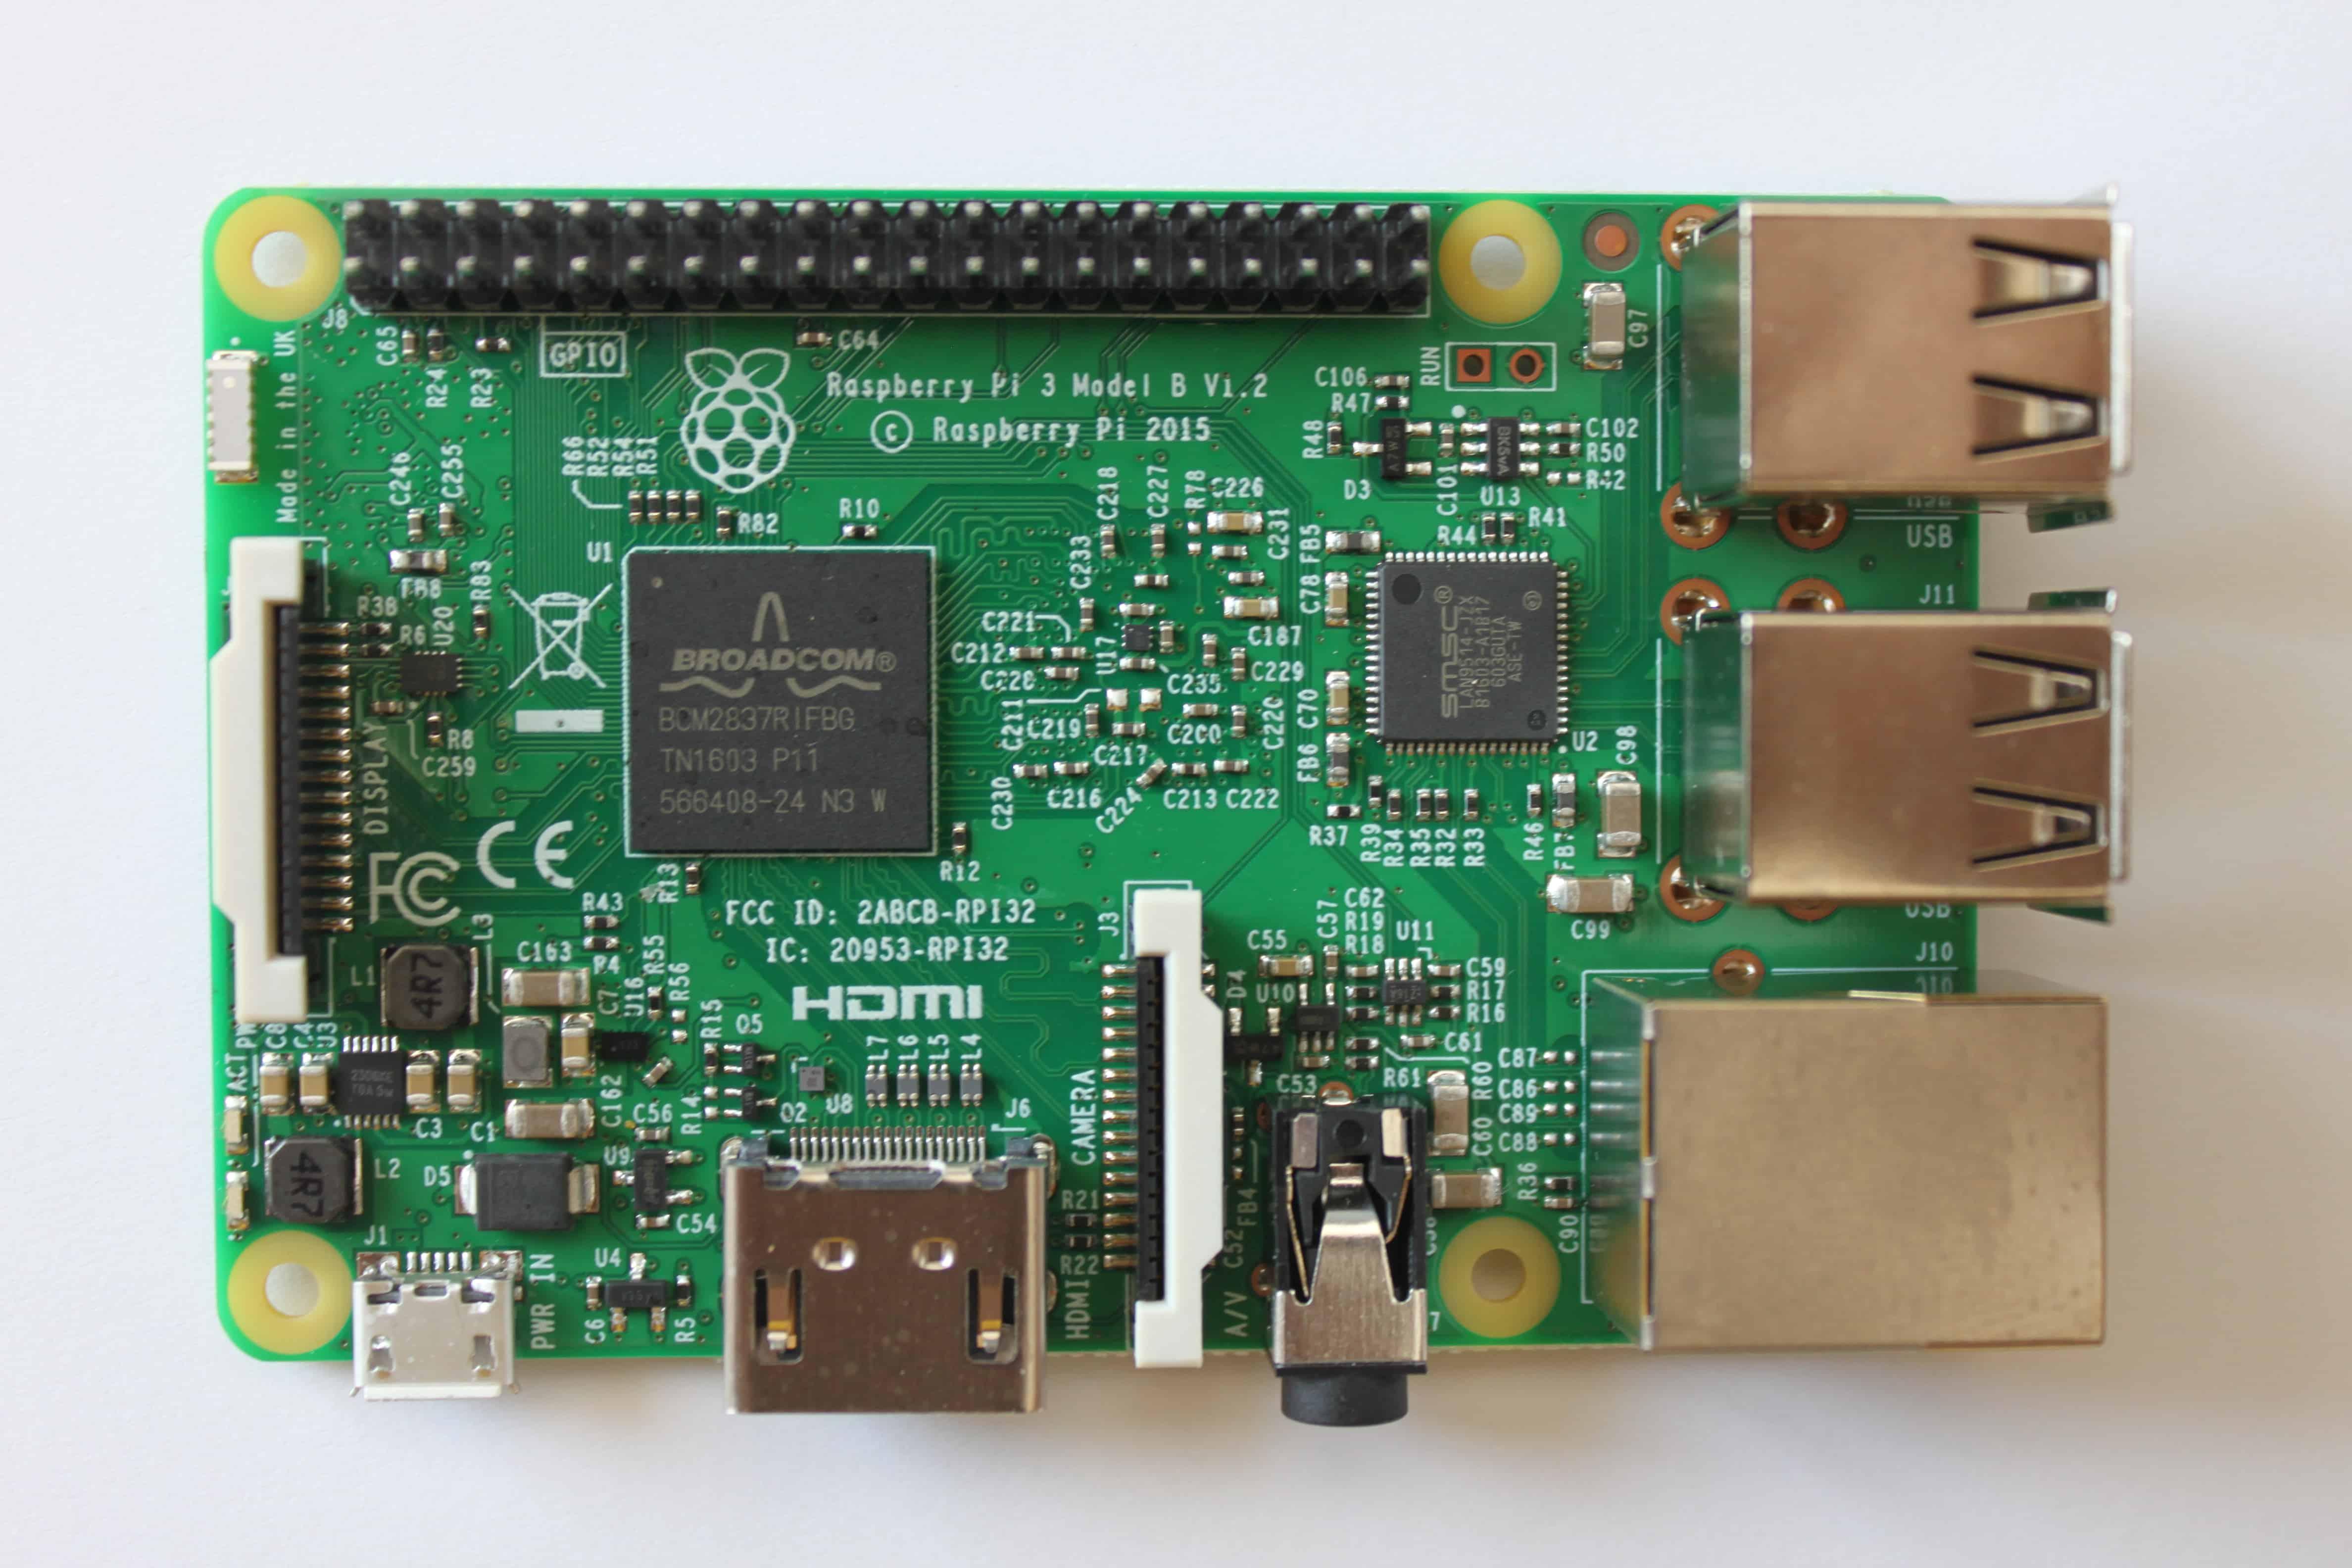 LINX 3.0 - Déploiement d'une application LabVIEW sur Raspberry Pi